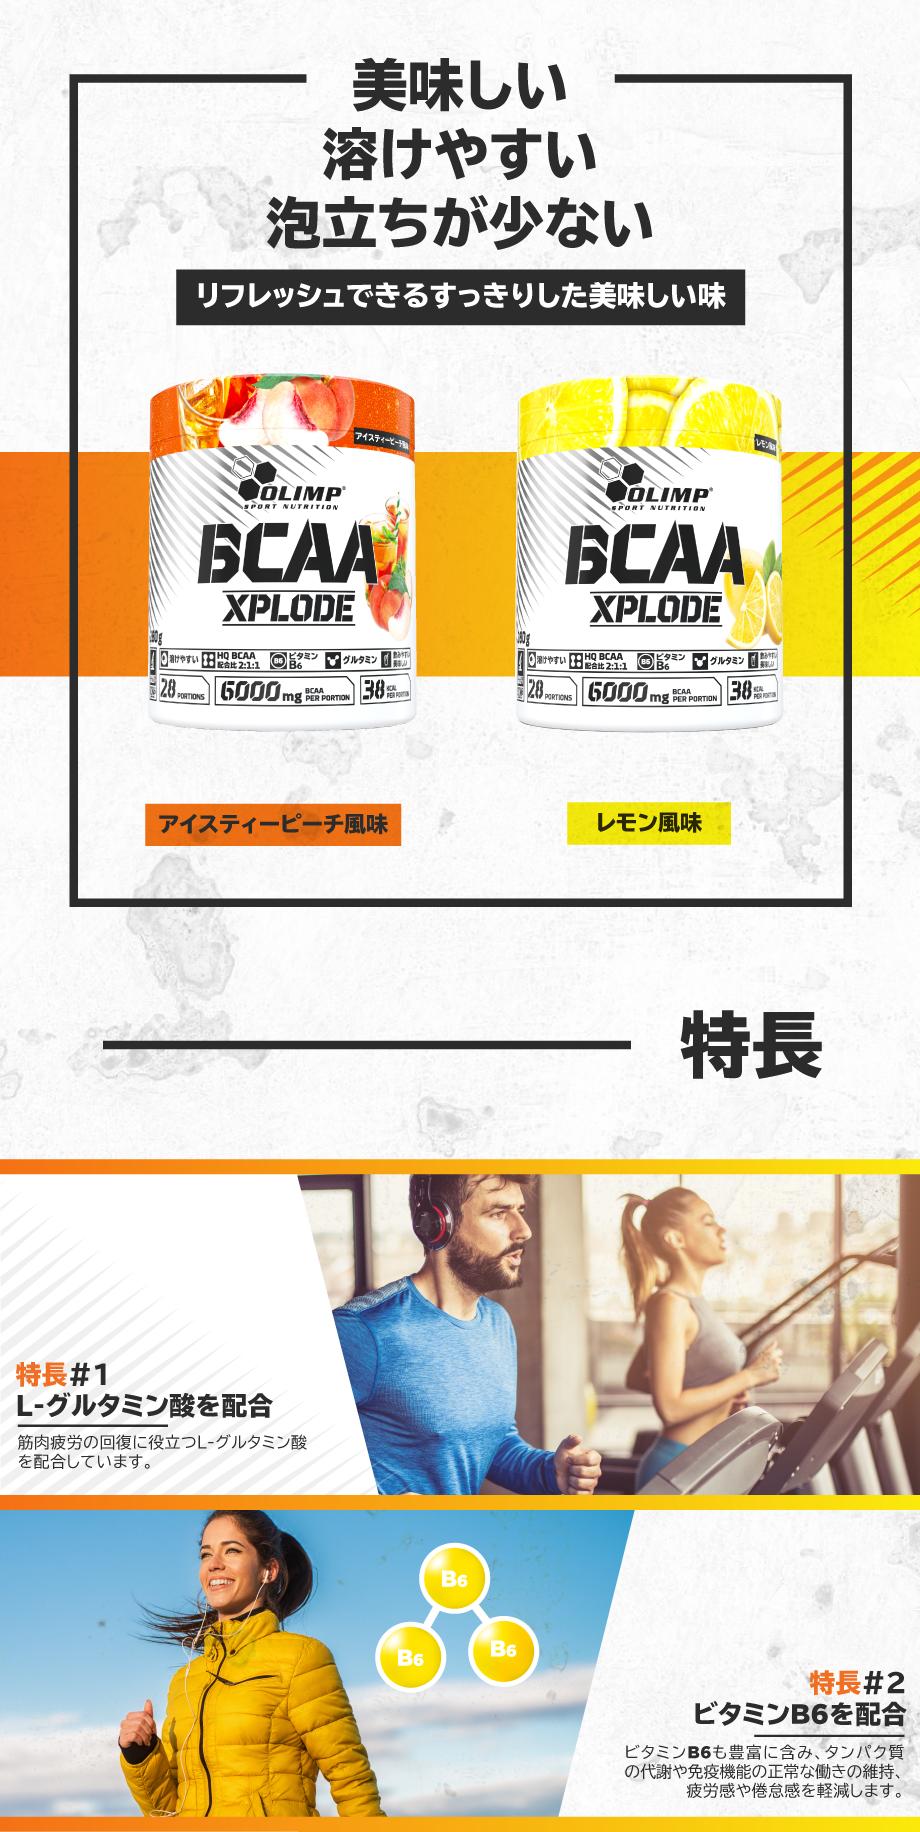 BCAA-XPLODE-3.png